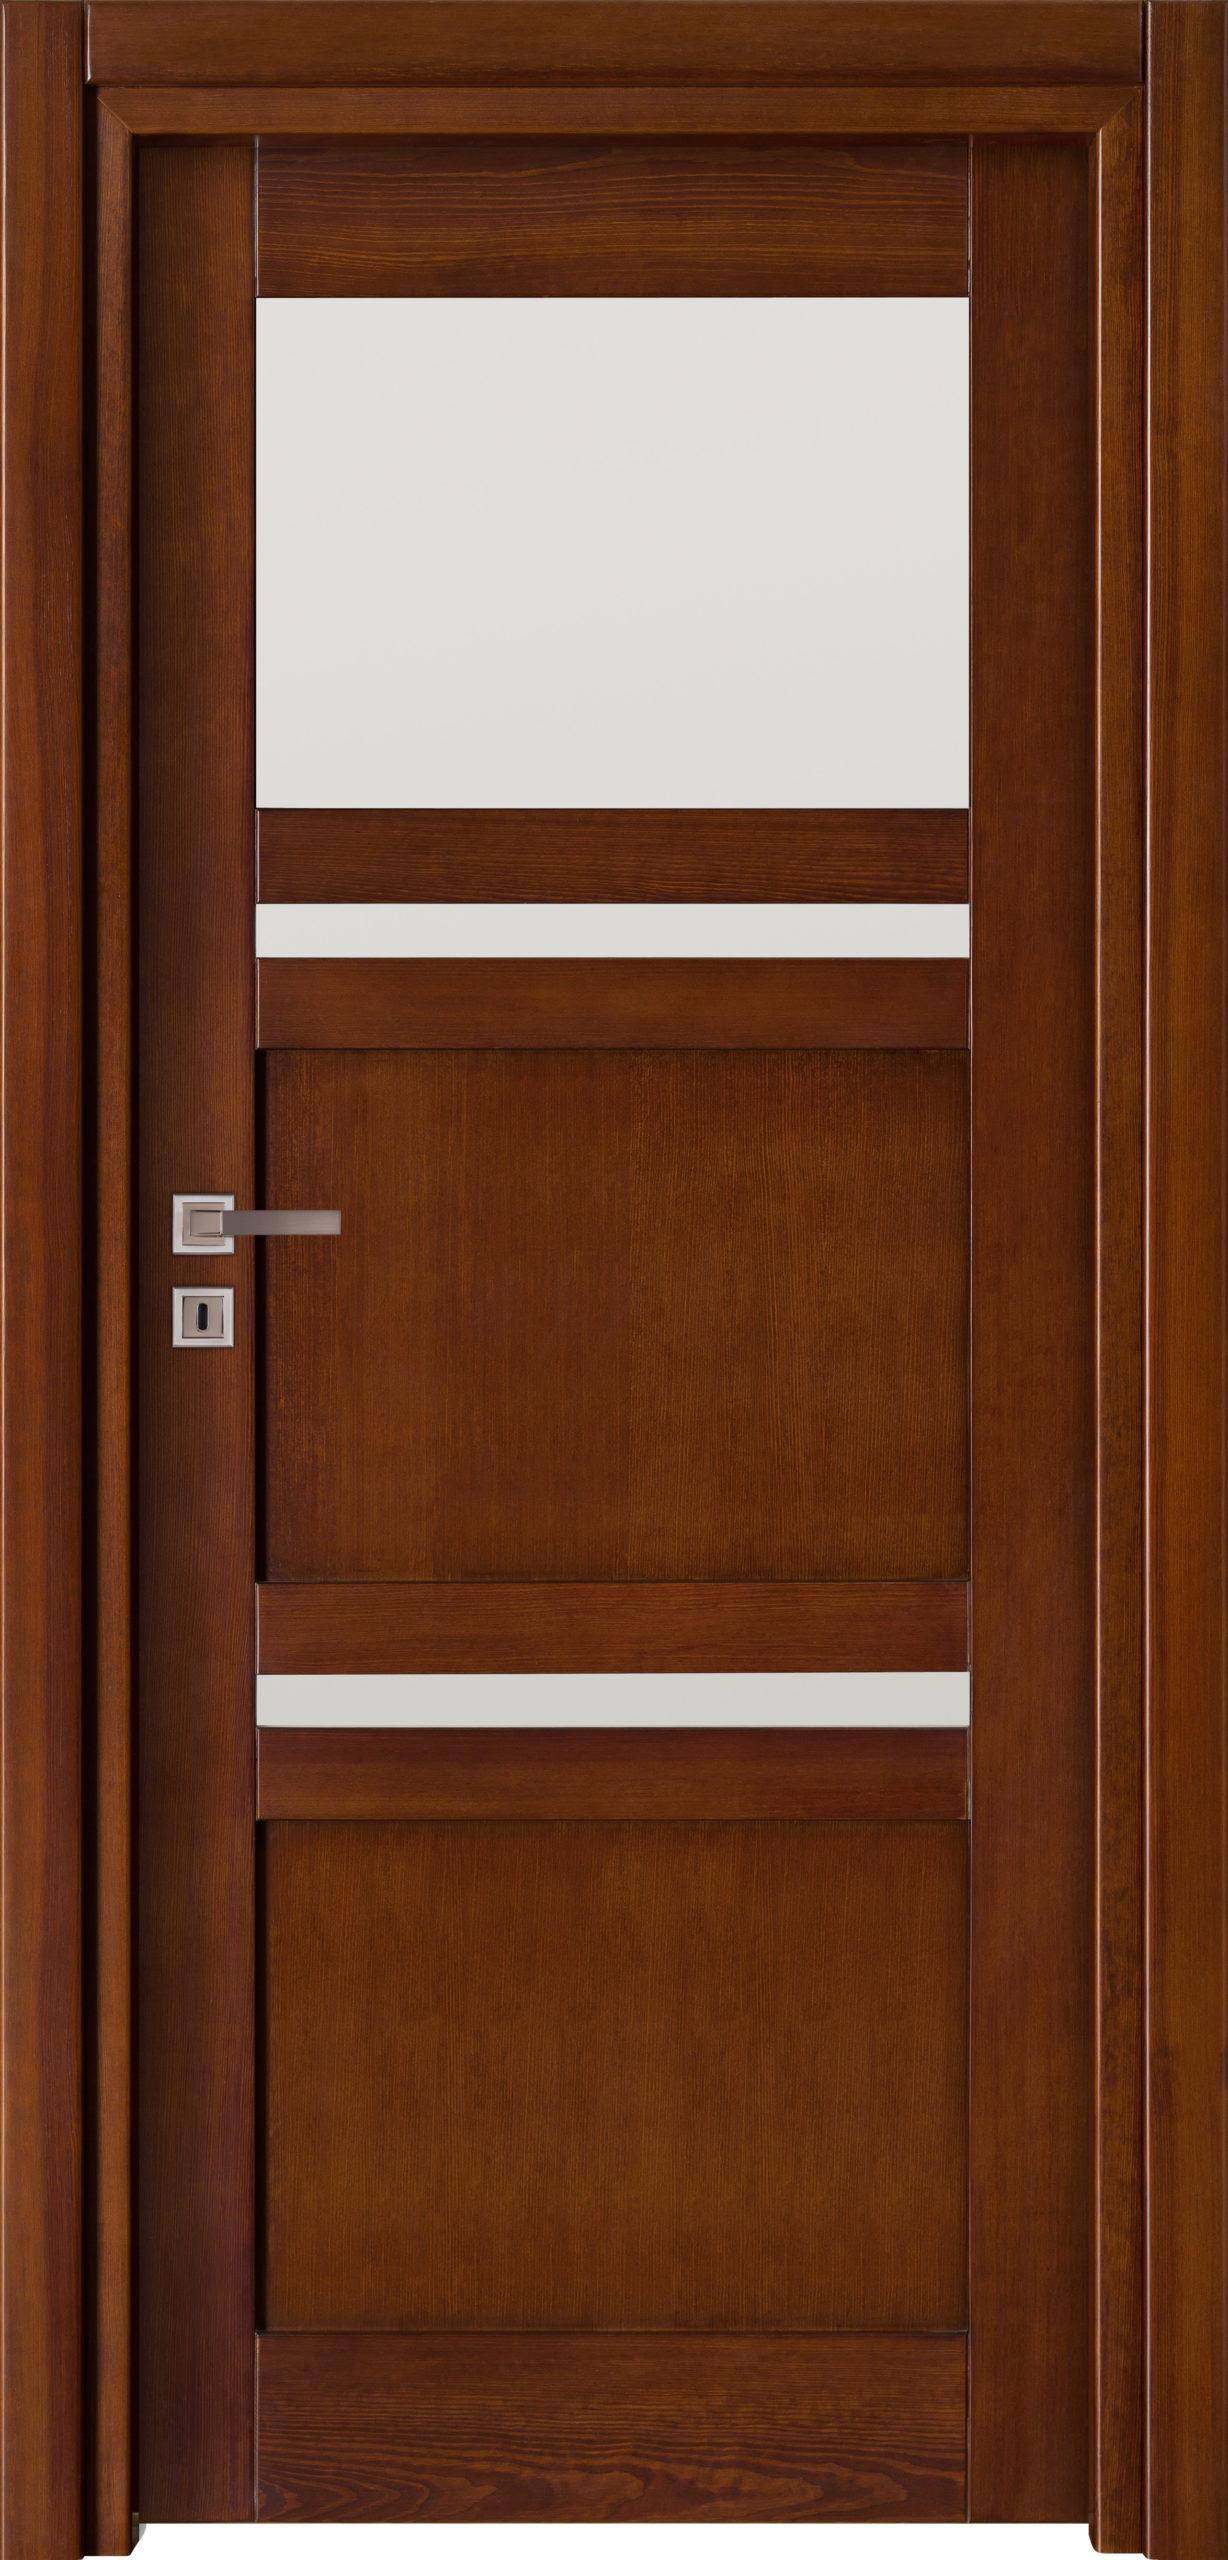 Tanger B1 - jesion - ciemny calvados - szklenie lacomat bezpieczny - ościeżnica przylgowa regulowana drewniana prosta (IIa)